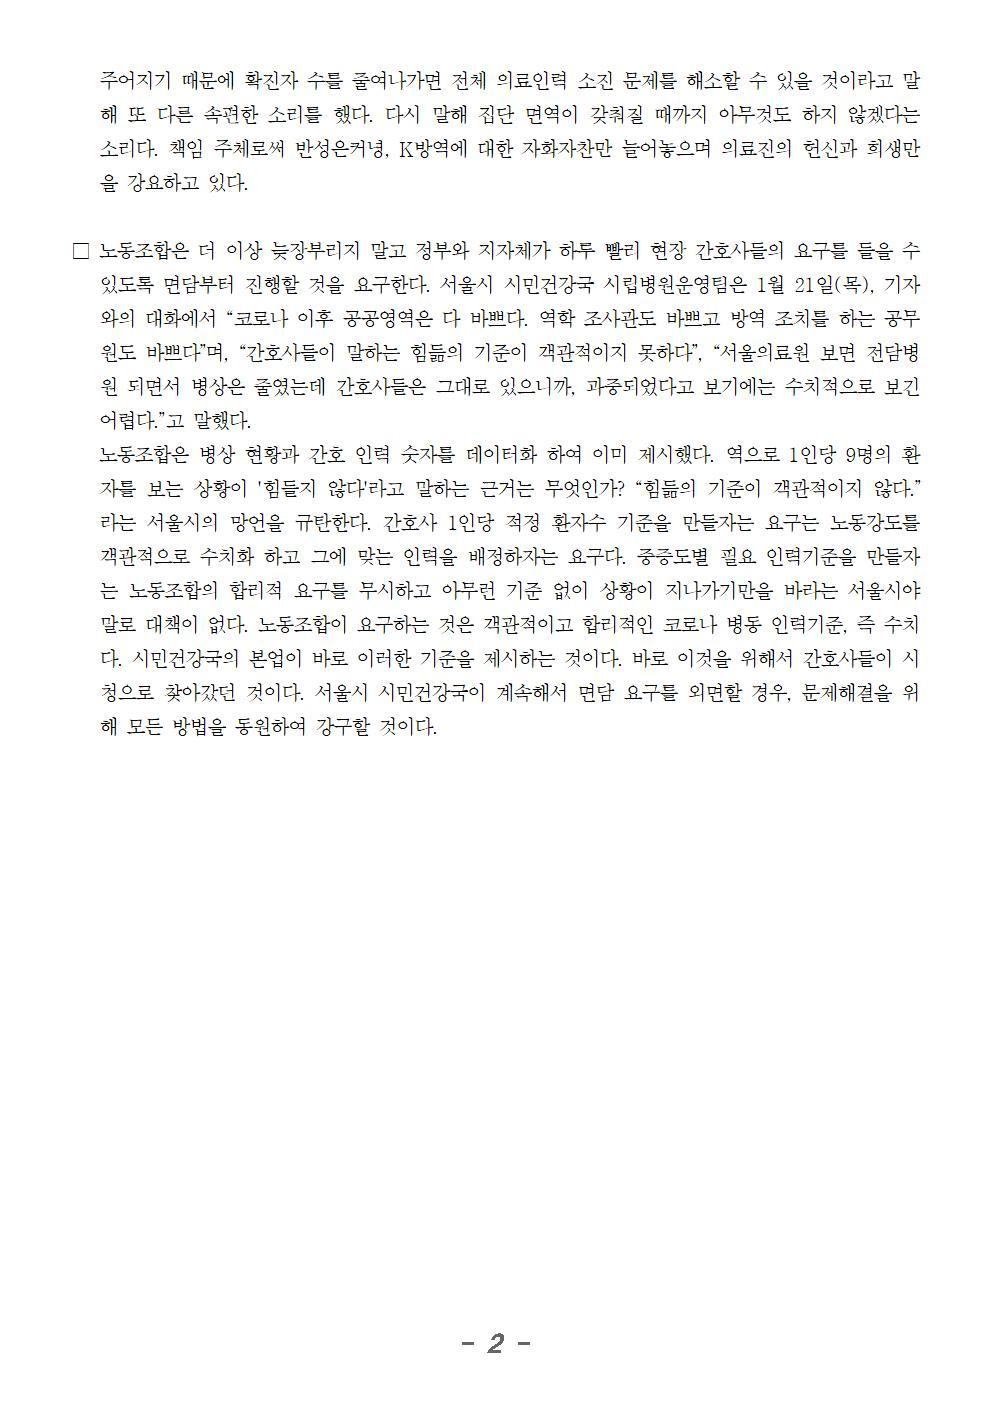 210121_보도자료_서울시앞피켓팅진행002.jpg